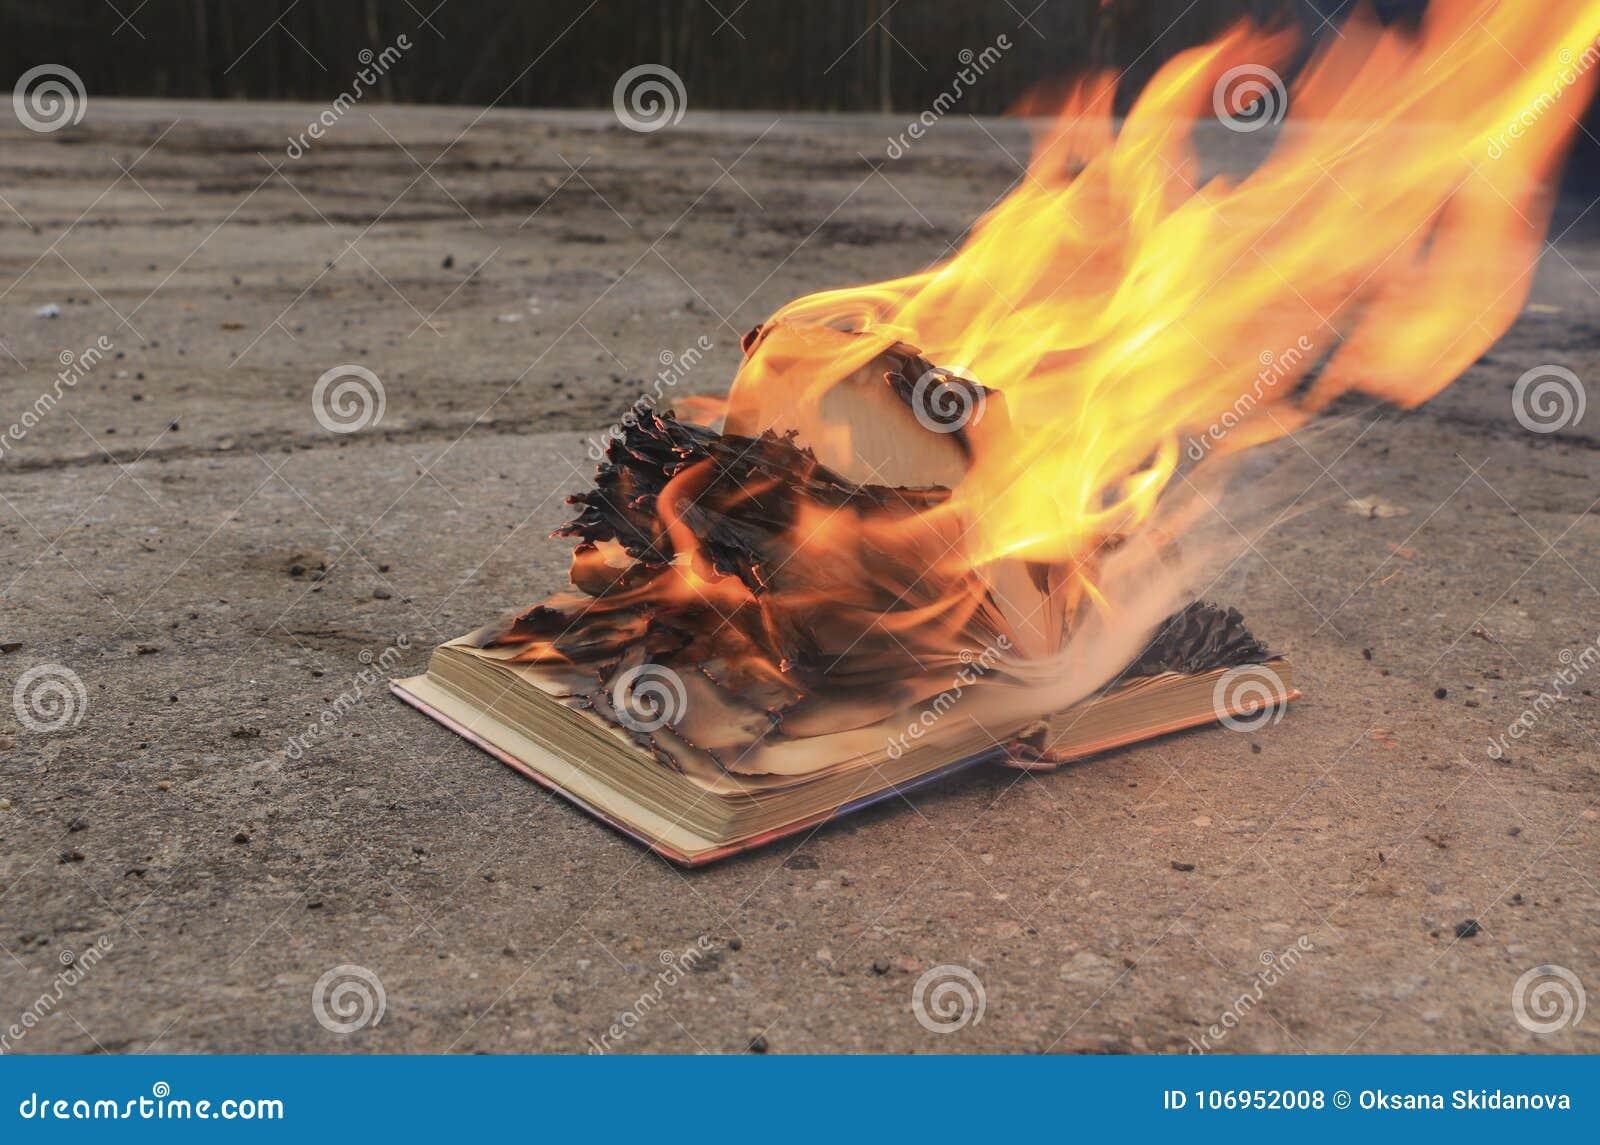 Prenoti con le pagine brucianti su una superficie di calcestruzzo